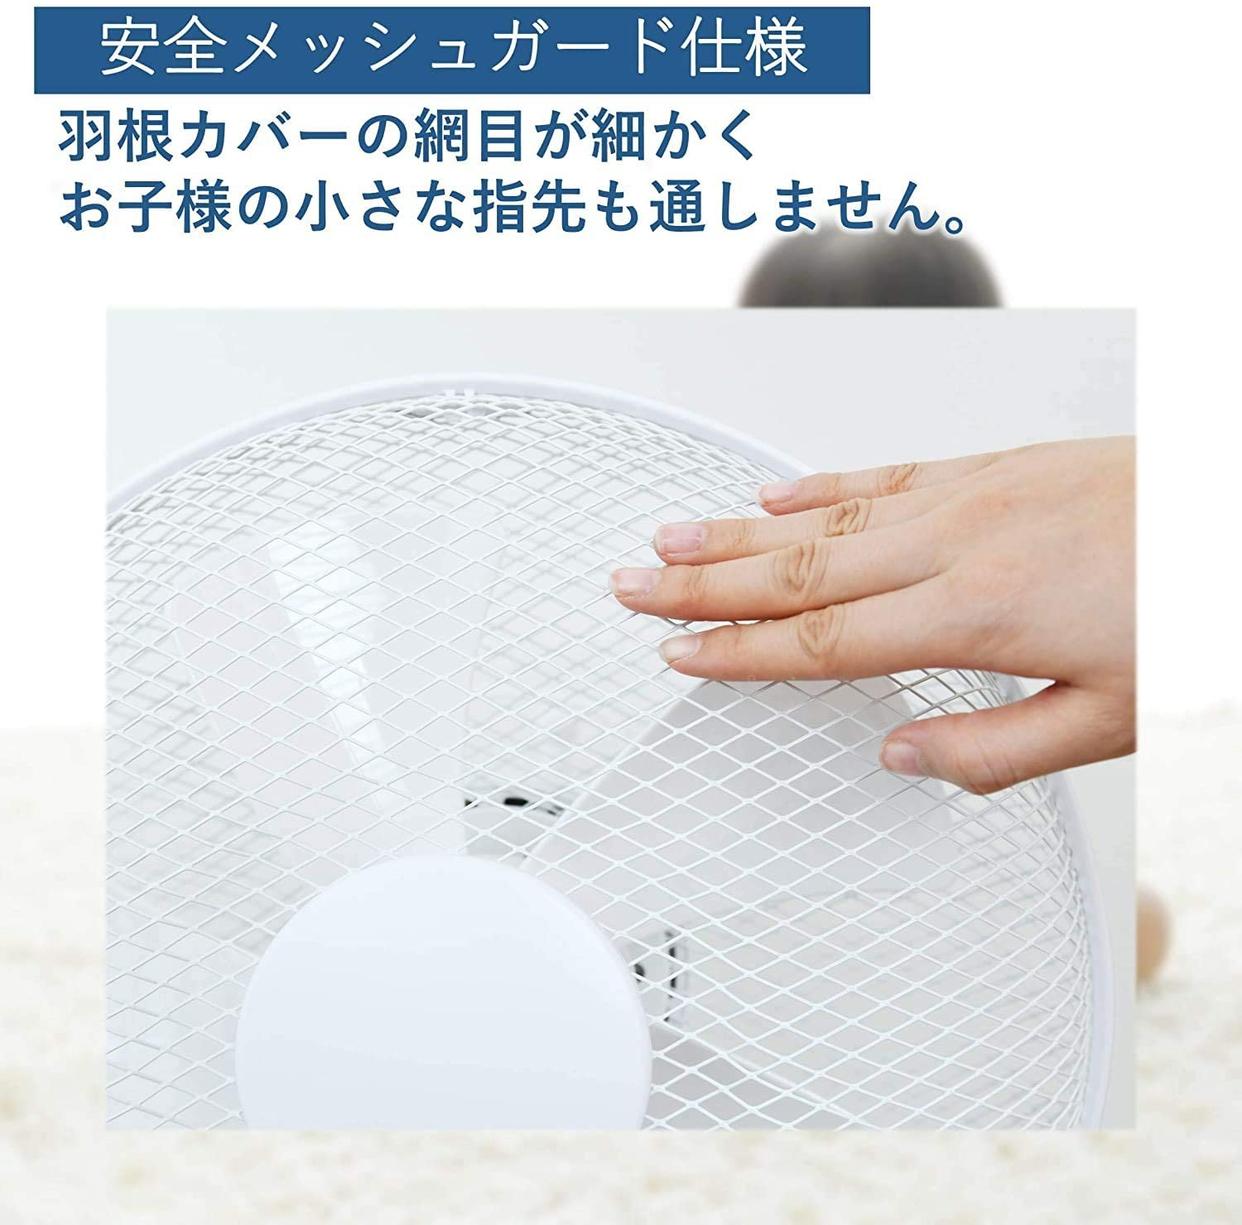 山善(YAMAZEN) 30cmリビング扇風機 YLT-C30の商品画像3